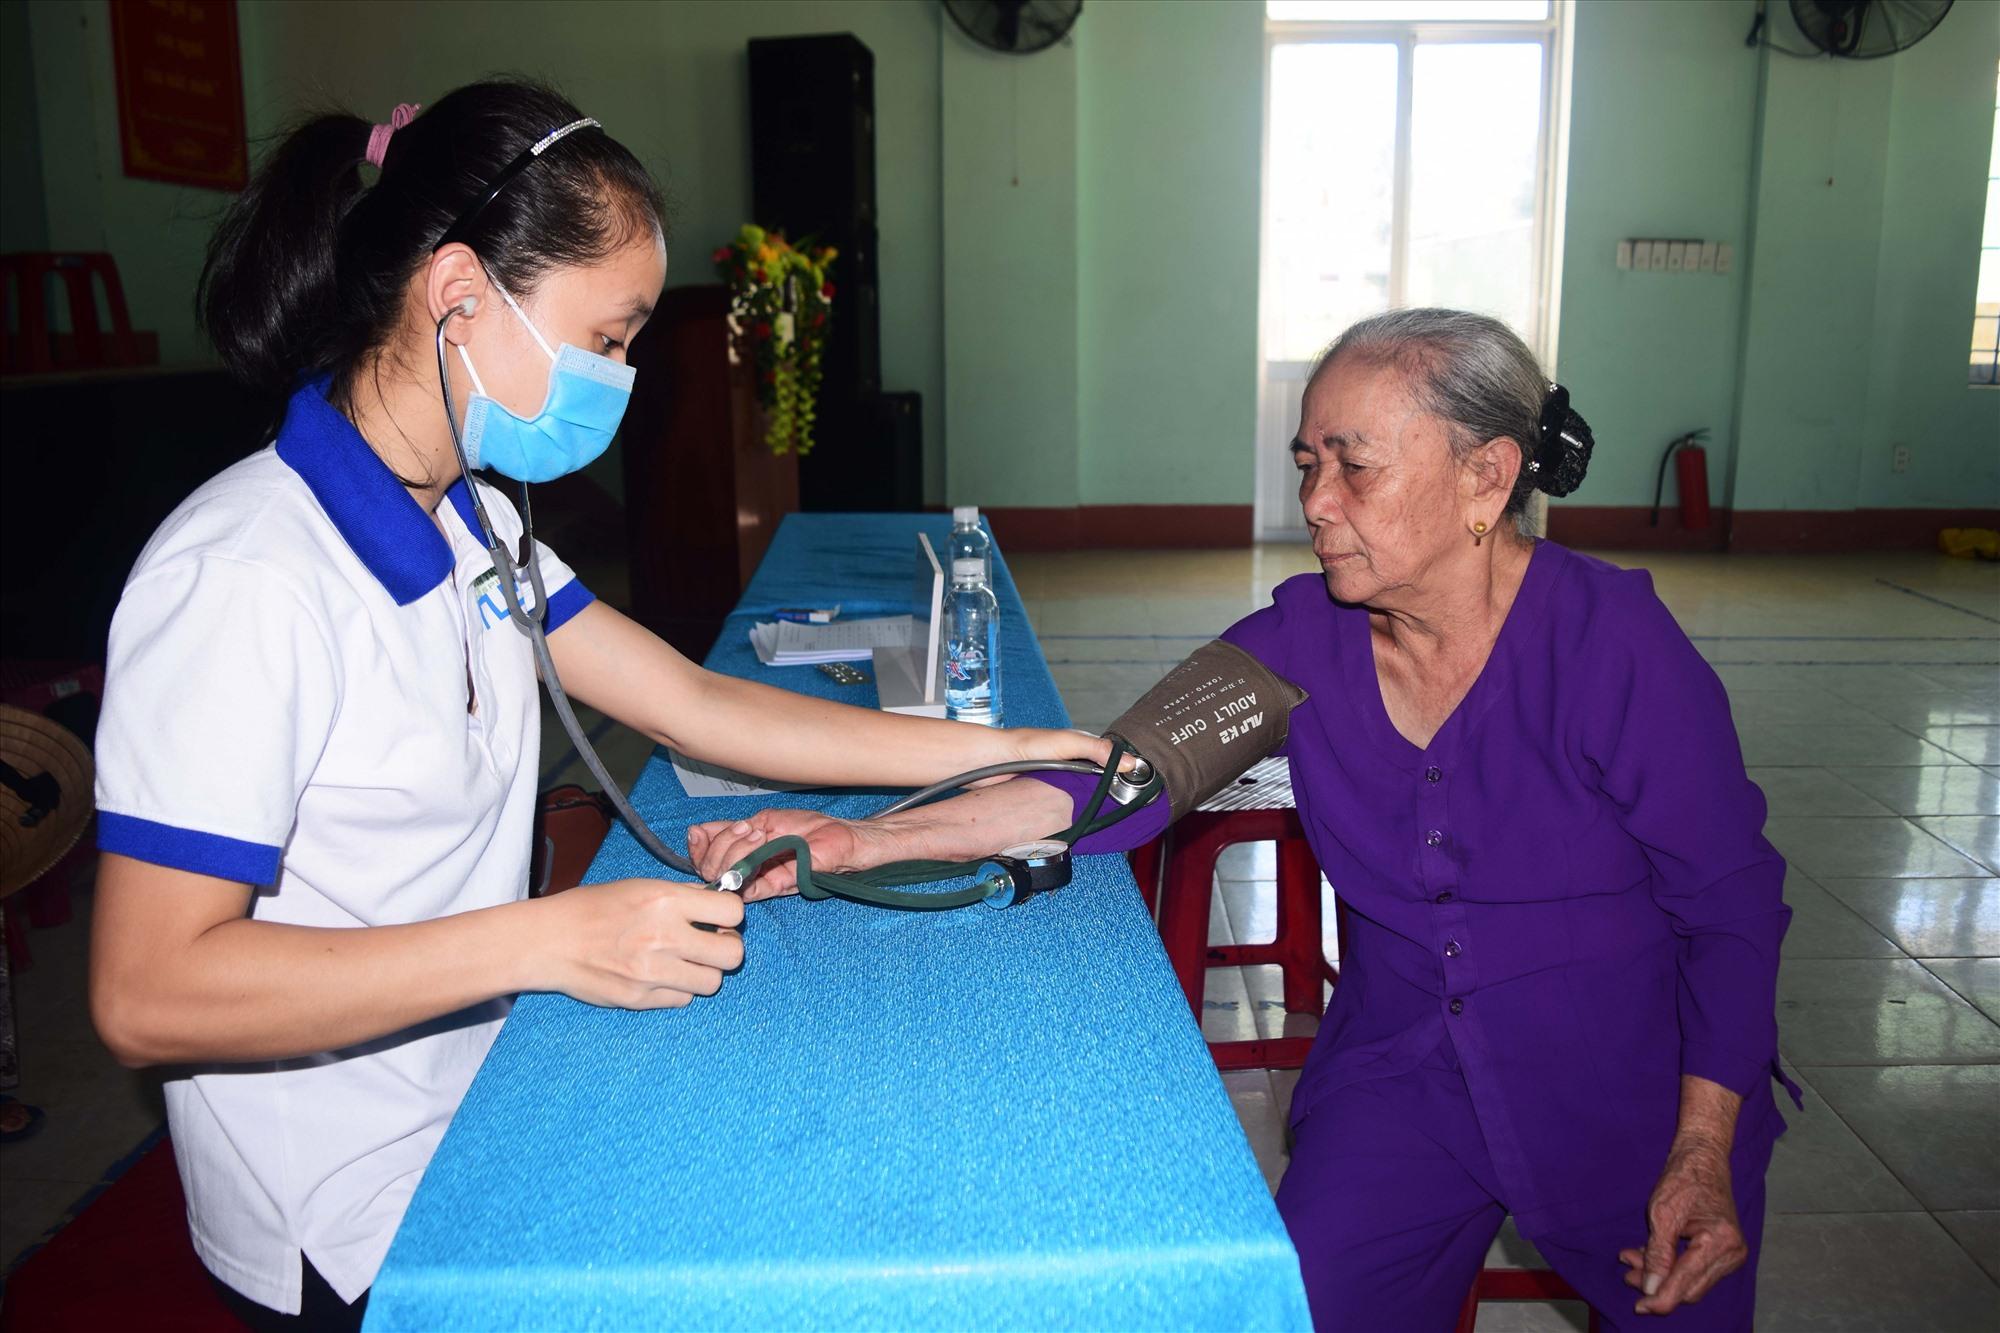 Bệnh viện Đa khoa Minh Thiện tổ chức khám bệnh chuyên sâu cho 200 người dân. Ảnh: THÁI CƯỜNG